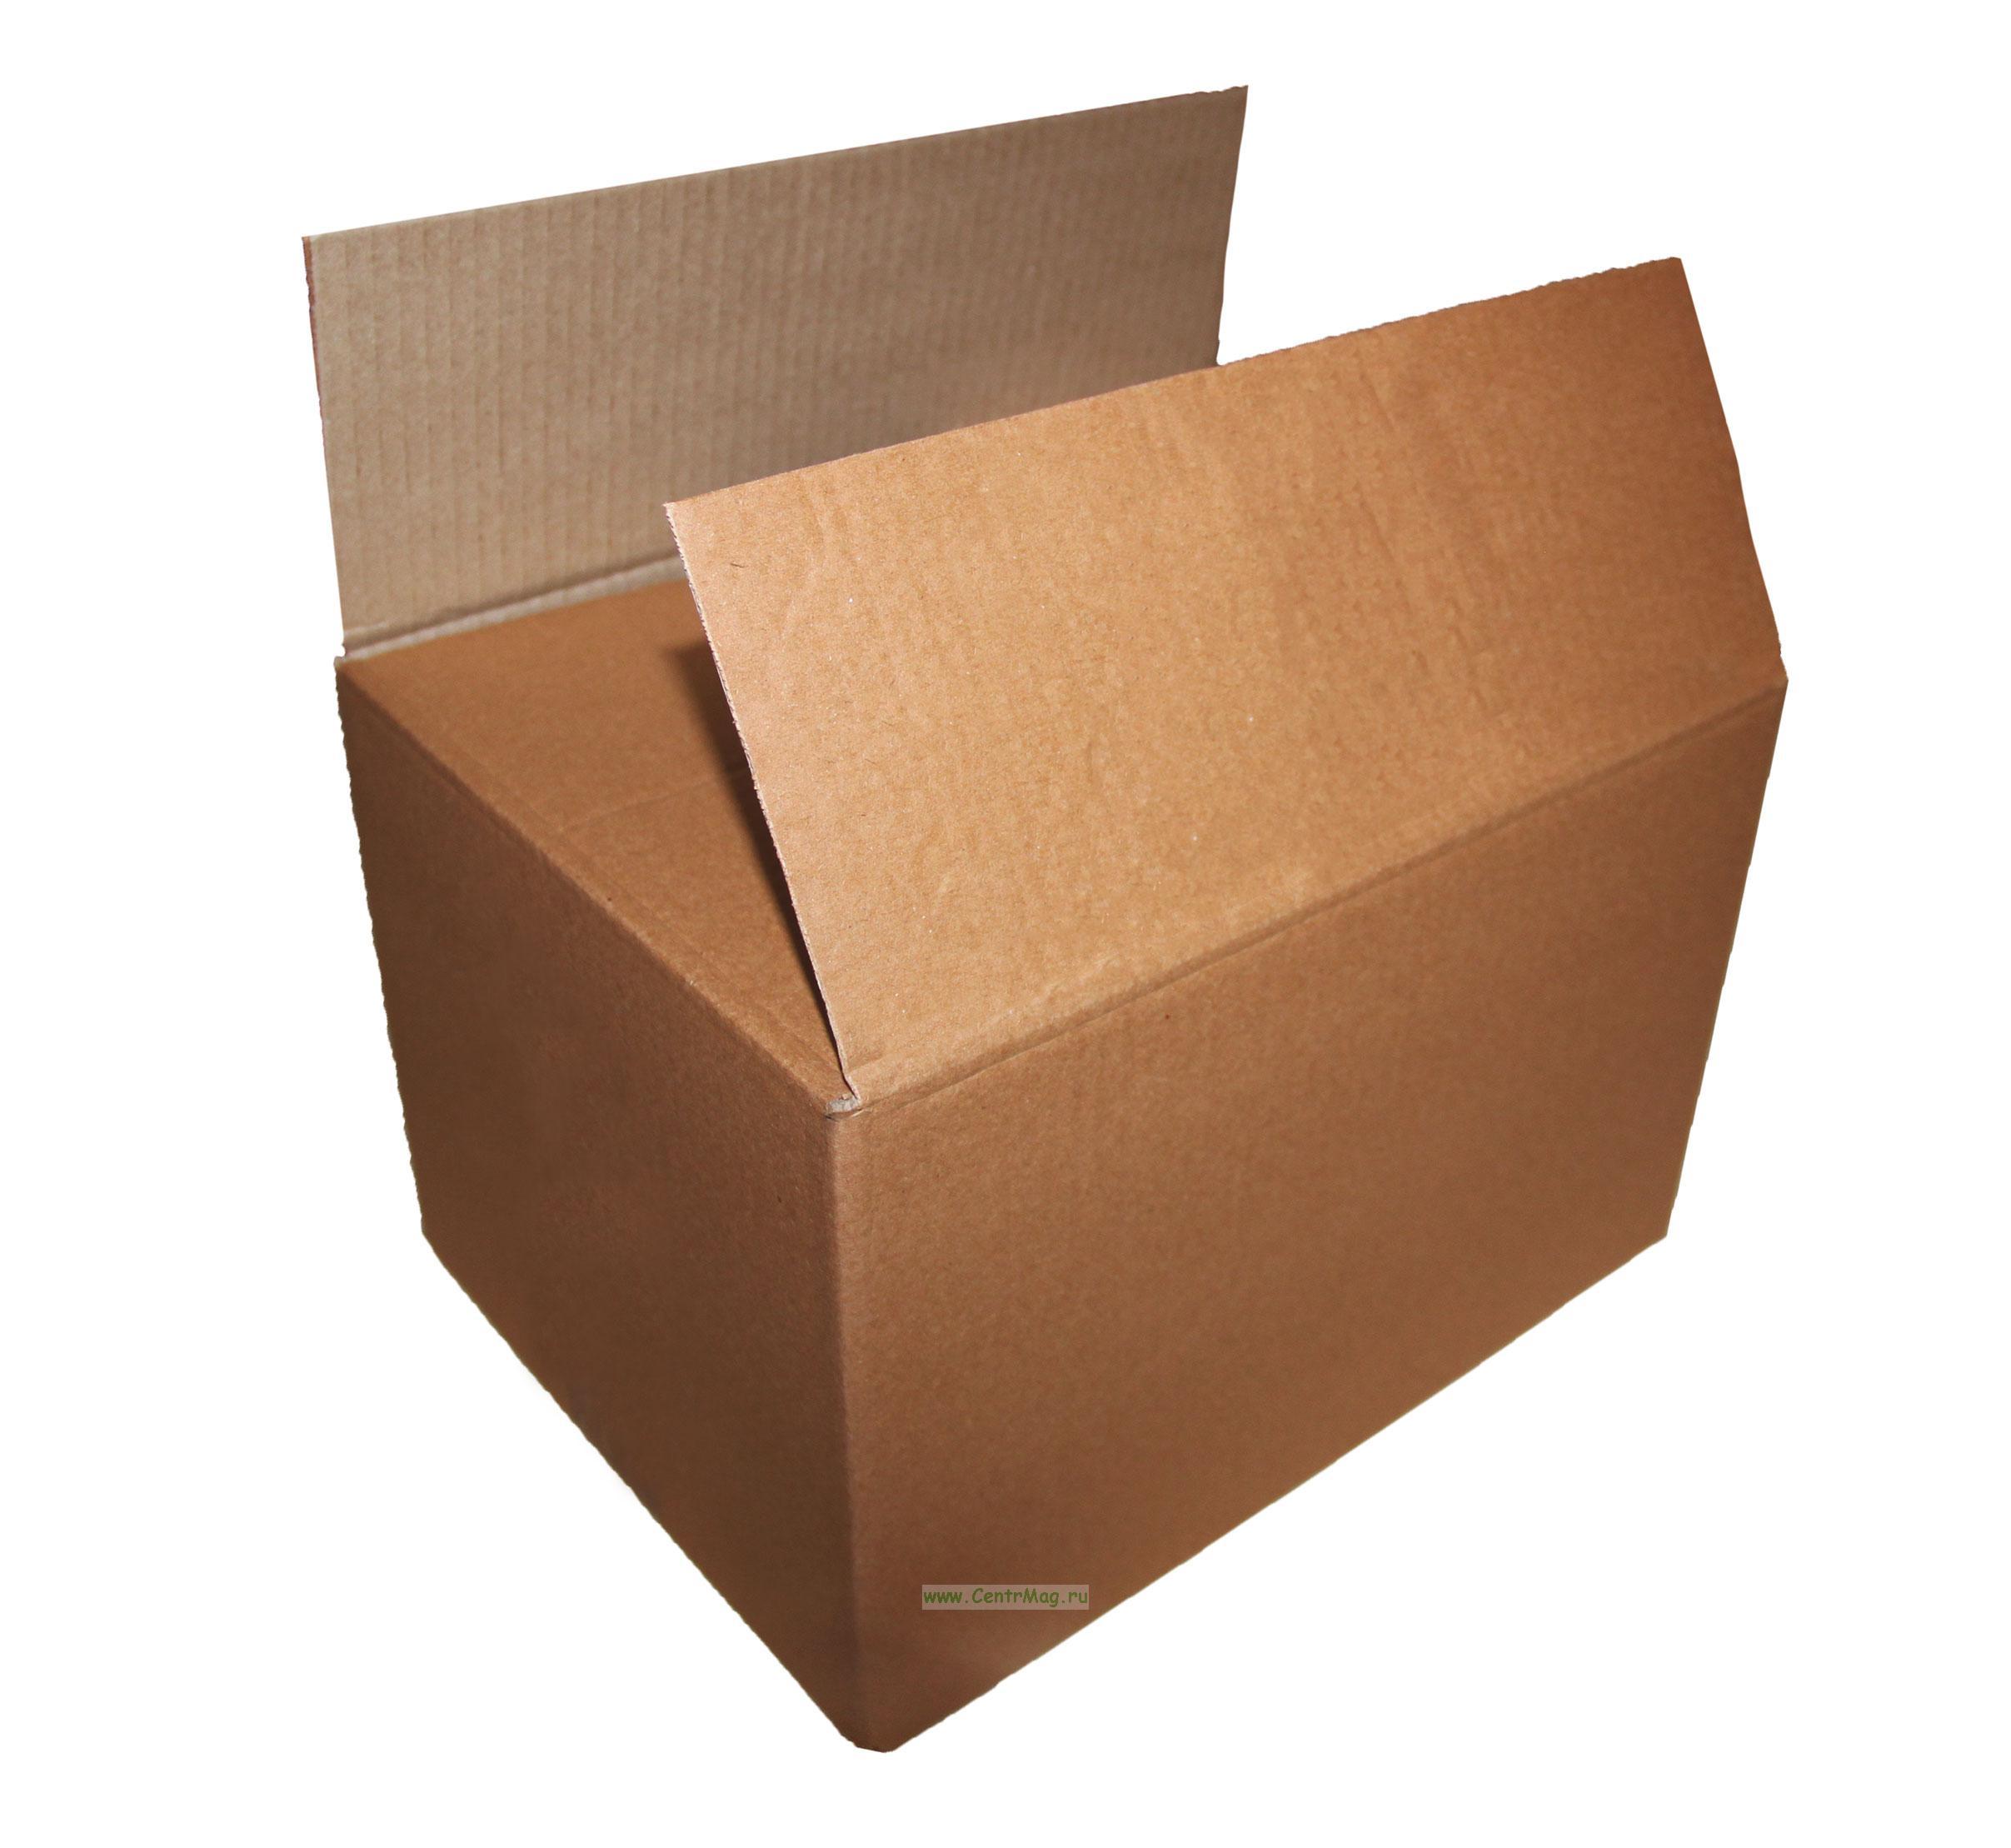 Четырехклапанная коробка из 3-х слойного гофрированного картона